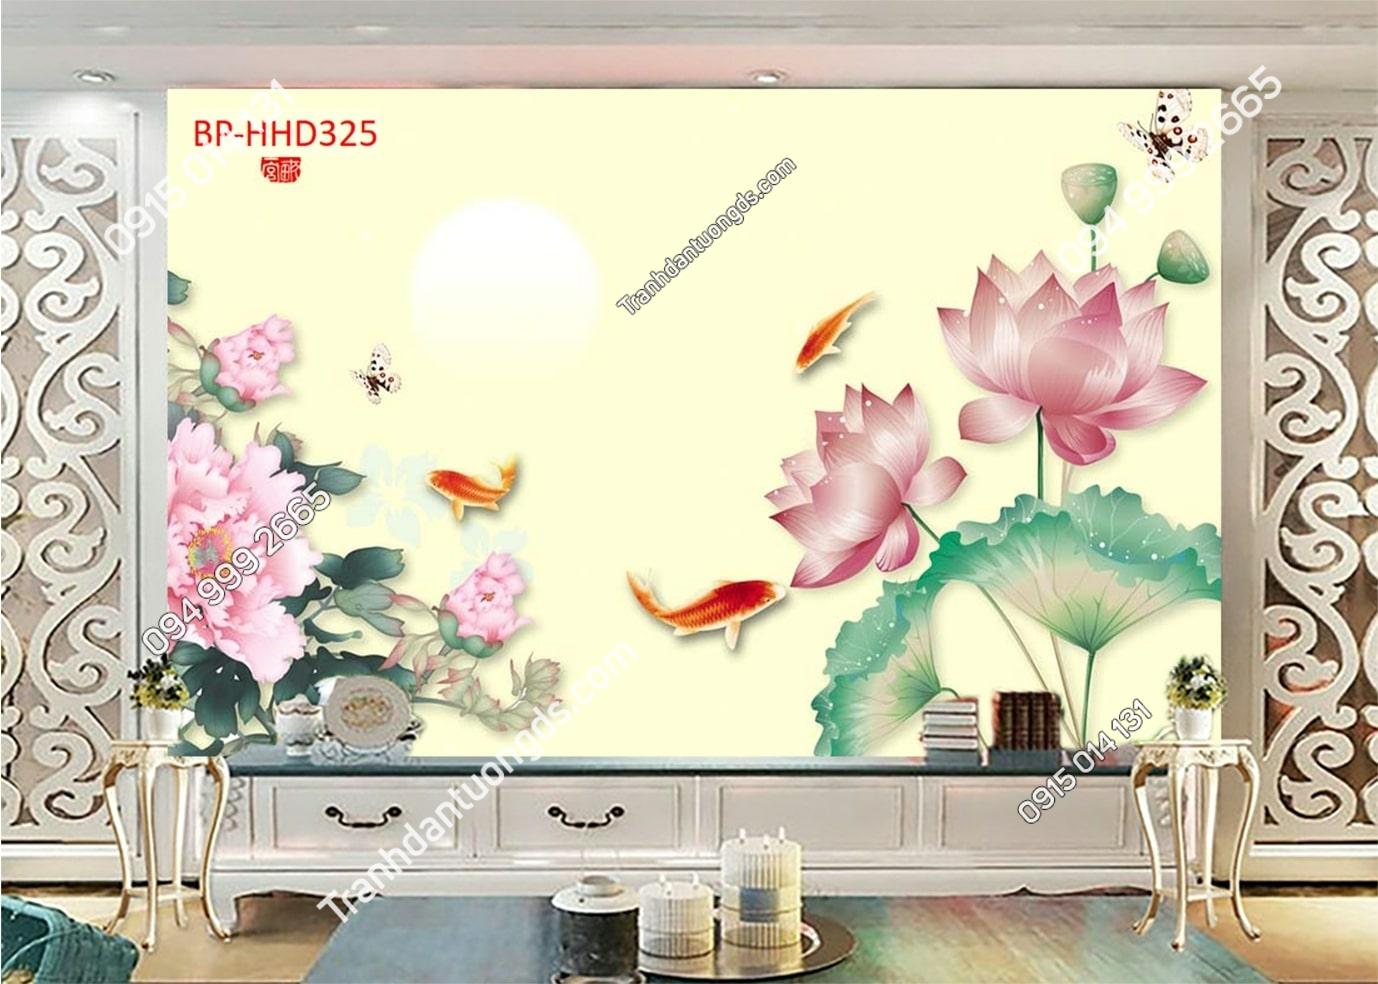 Tranh sen hồng và cá HHD325